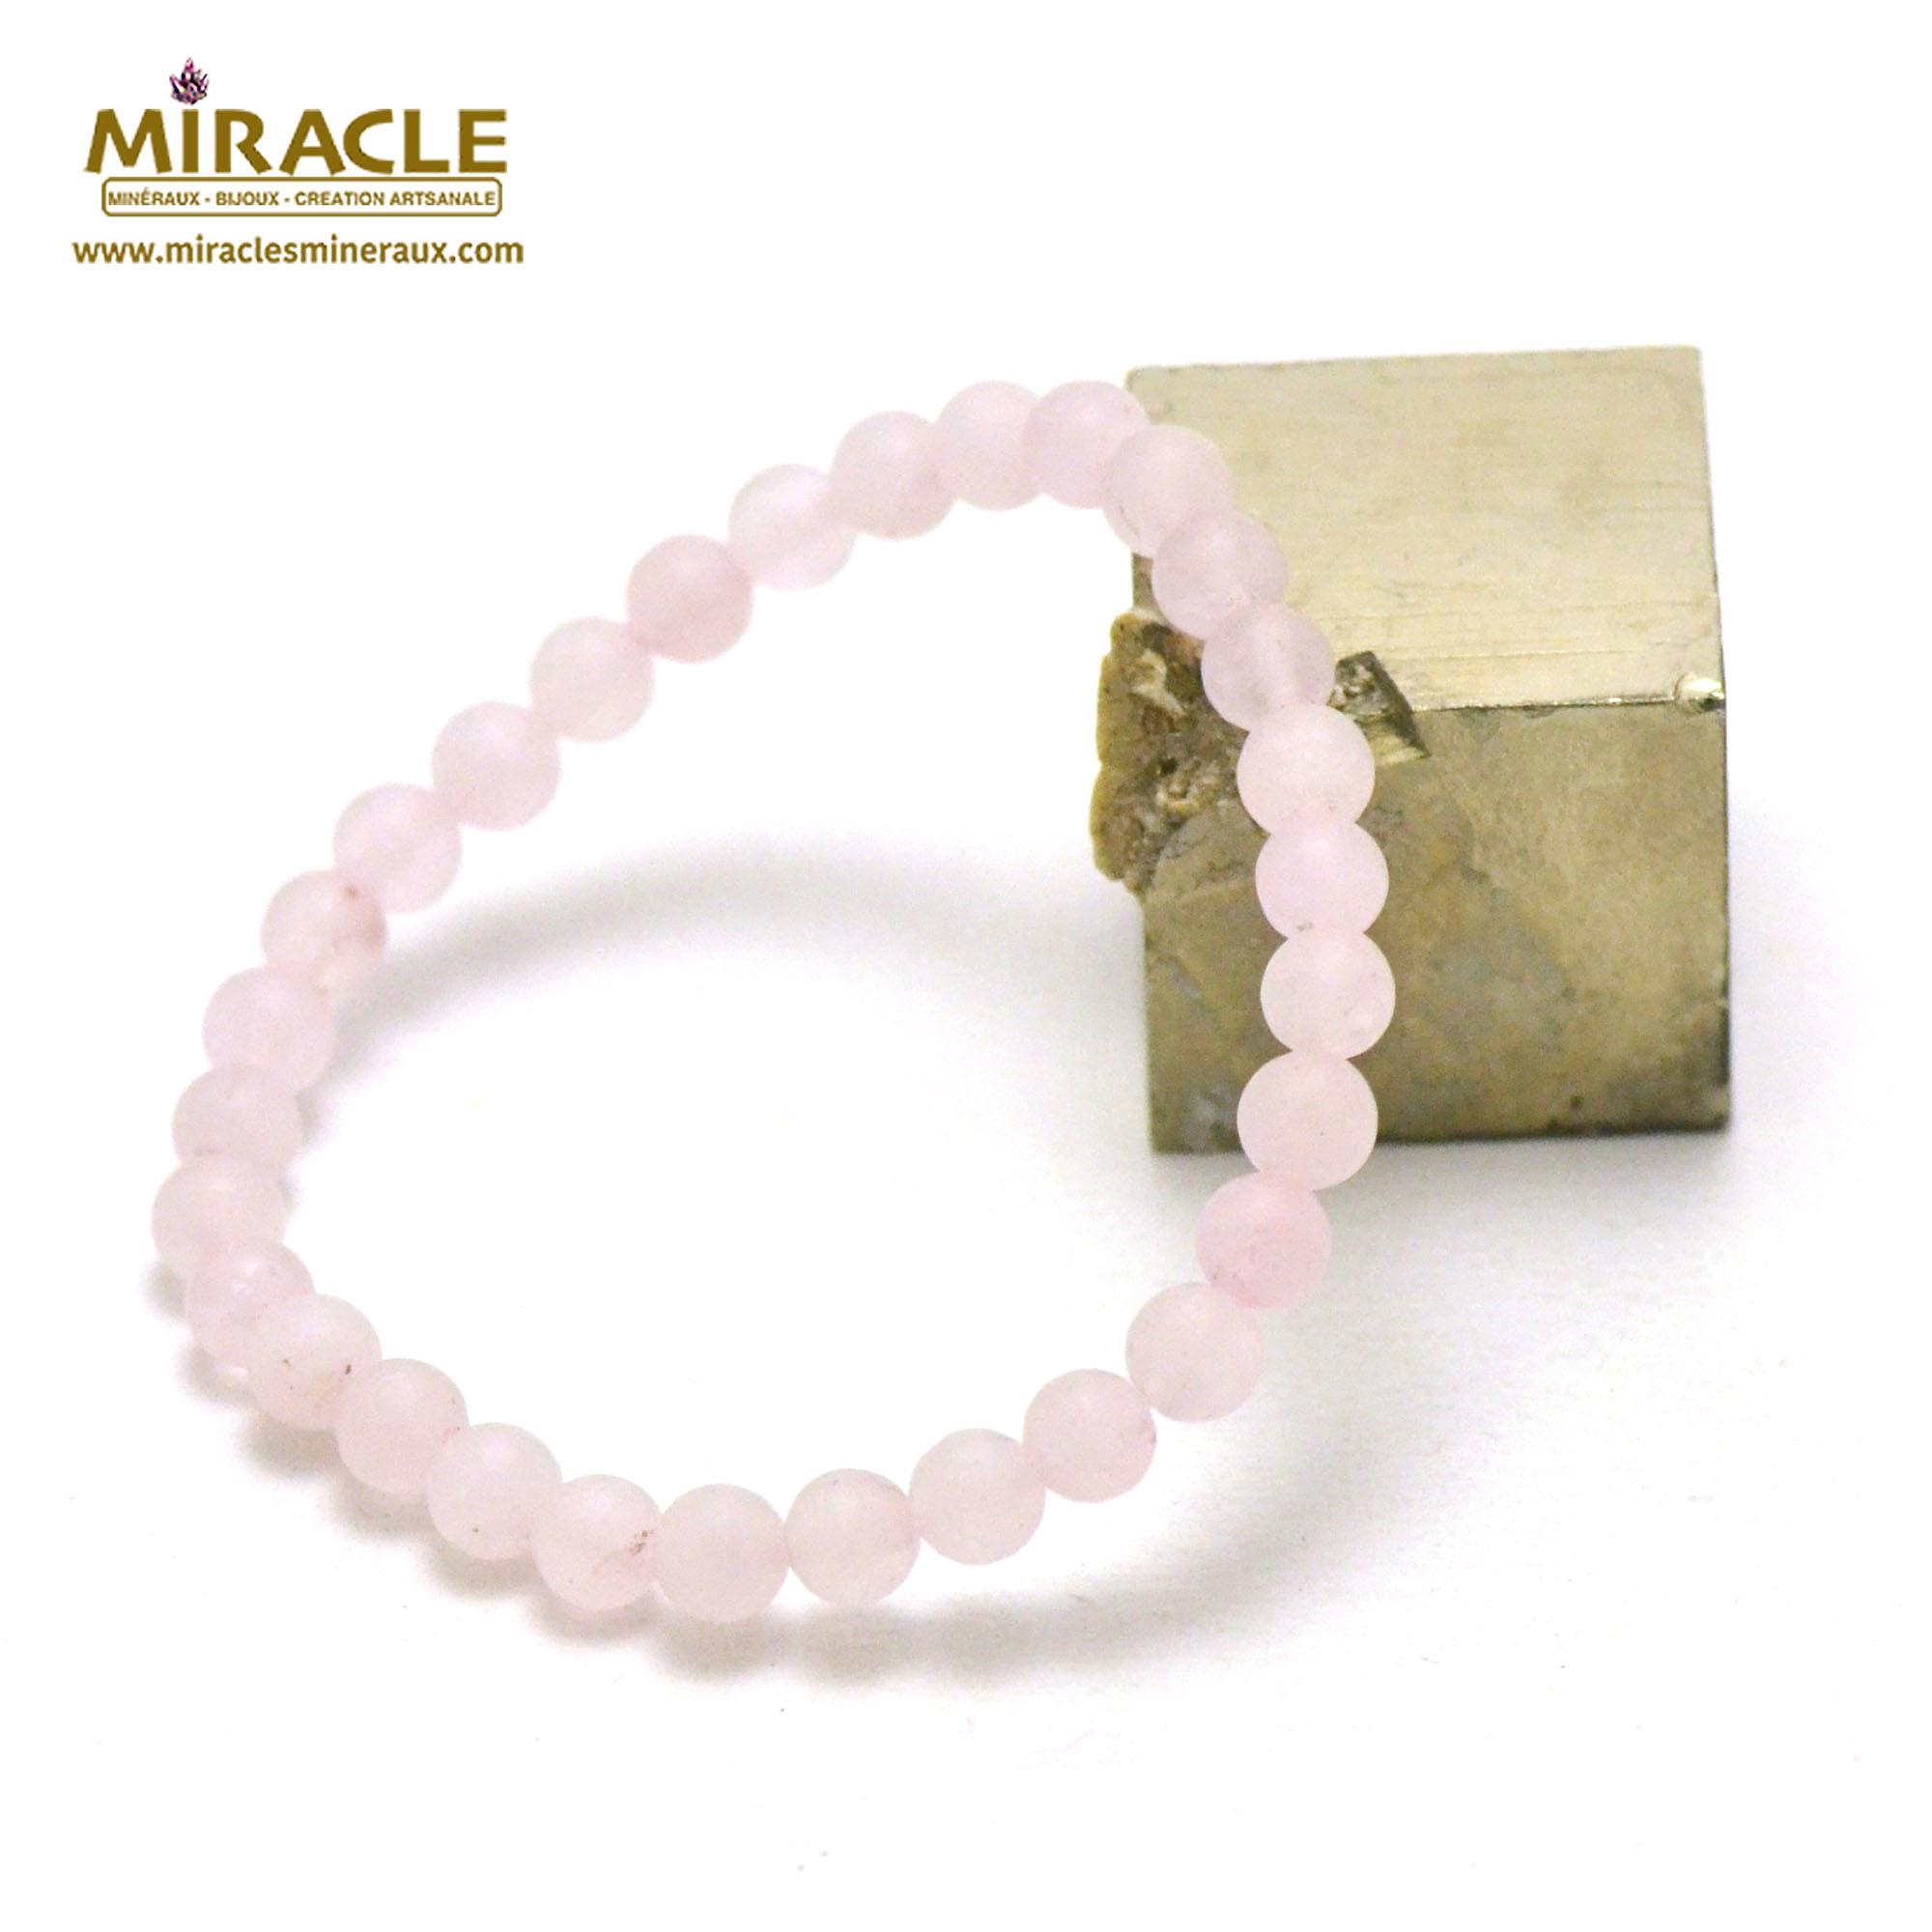 bracelet quartz rose givré perle mat ronde 6 mm